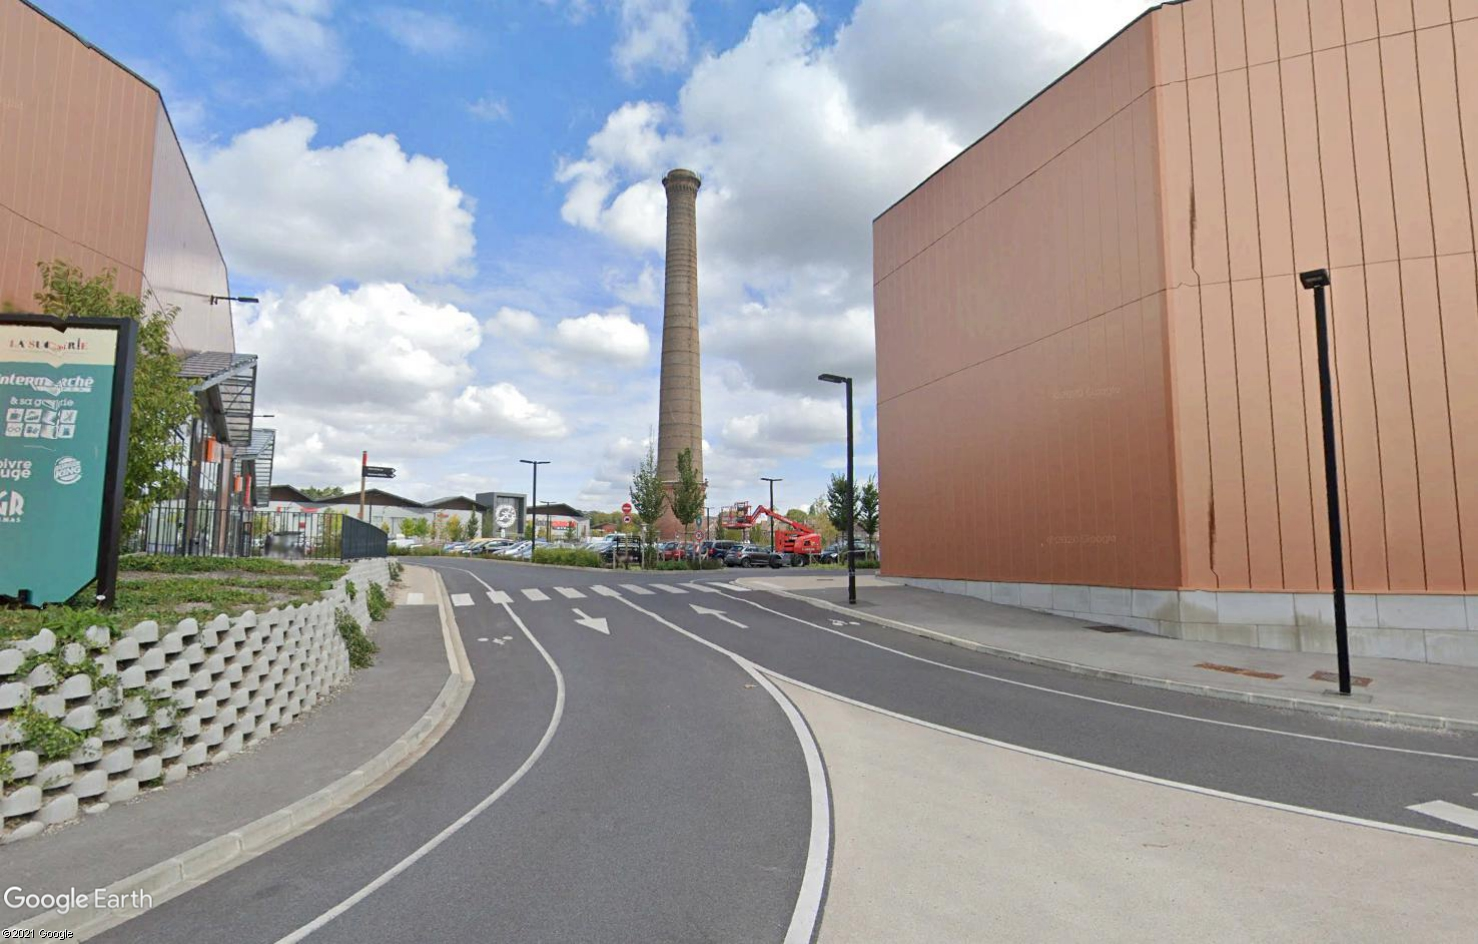 [Enfin visible sur Google-Earth] Futur quartier de la sucrerie à Abbeville, Somme Tsge2243